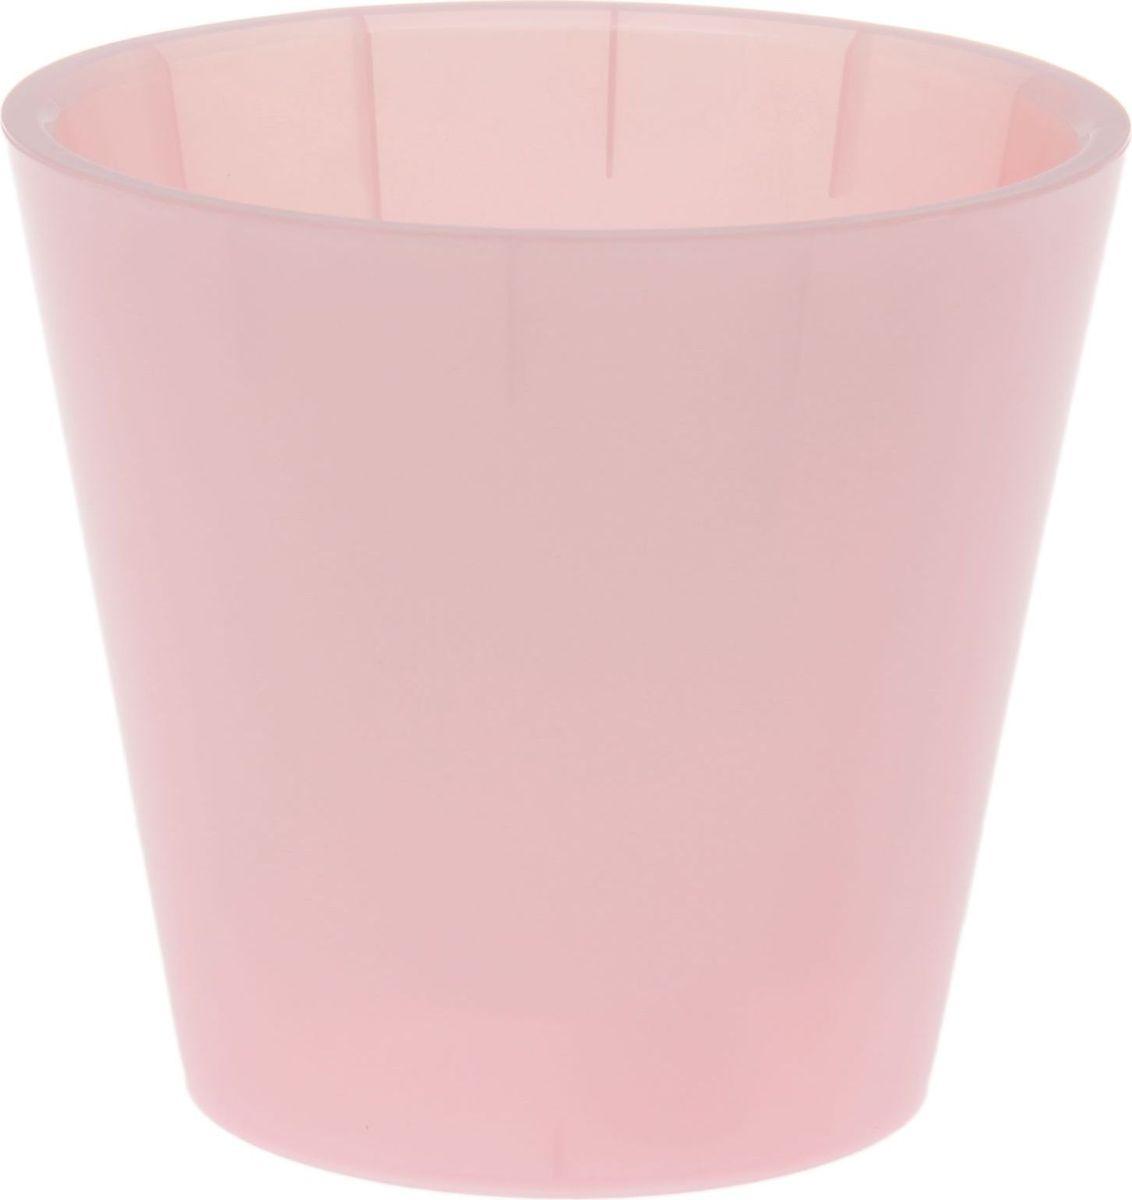 Горшок для цветов InGreen Фиджи. Орхид, цвет: розовый перламутр, 5 л1637052Любой, даже самый современный и продуманный интерьер будет незавершенным без растений. Они не только очищают воздух и насыщают его кислородом, но и украшают окружающее пространство. Такому полезному члену семьи просто необходим красивый и функциональный дом! Оптимальный выбор материала — пластмасса! Почему мы так считаем? Малый вес. С легкостью переносите горшки и кашпо с места на место, ставьте их на столики или полки, не беспокоясь о нагрузке. Простота ухода. Кашпо не нуждается в специальных условиях хранения. Его легко чистить — достаточно просто сполоснуть теплой водой. Никаких потертостей. Такие кашпо не царапают и не загрязняют поверхности, на которых стоят. Пластик дольше хранит влагу, а значит, растение реже нуждается в поливе. Пластмасса не пропускает воздух — корневой системе растения не грозят резкие перепады температур. Огромный выбор форм, декора и расцветок — вы без труда найдете что-то, что идеально впишется в уже существующий интерьер. Соблюдая нехитрые правила ухода, вы можете заметно продлить срок службы горшков и кашпо из пластика: всегда учитывайте размер кроны и корневой системы (при разрастании большое растение способно повредить маленький горшок) берегите изделие от воздействия прямых солнечных лучей, чтобы горшки не выцветали держите кашпо из пластика подальше от нагревающихся поверхностей. Создавайте прекрасные цветочные композиции, выращивайте рассаду или необычные растения.